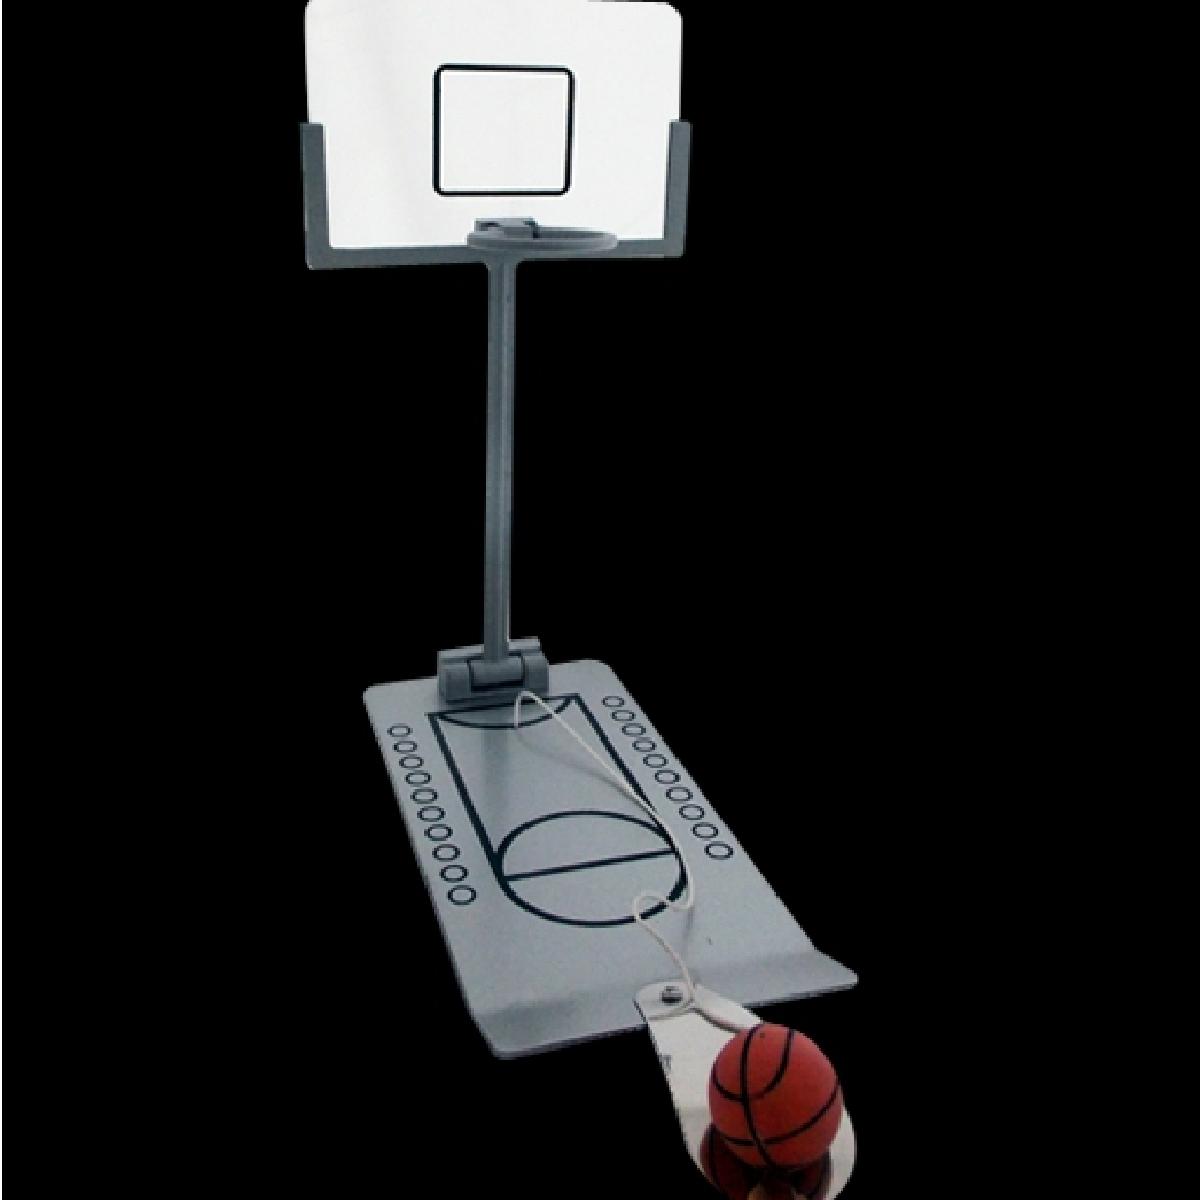 Cadeaux 2 ouf id es de cadeaux insolites et originaux un mini panier de basket pour le bureau - Panier de basket pour bureau ...